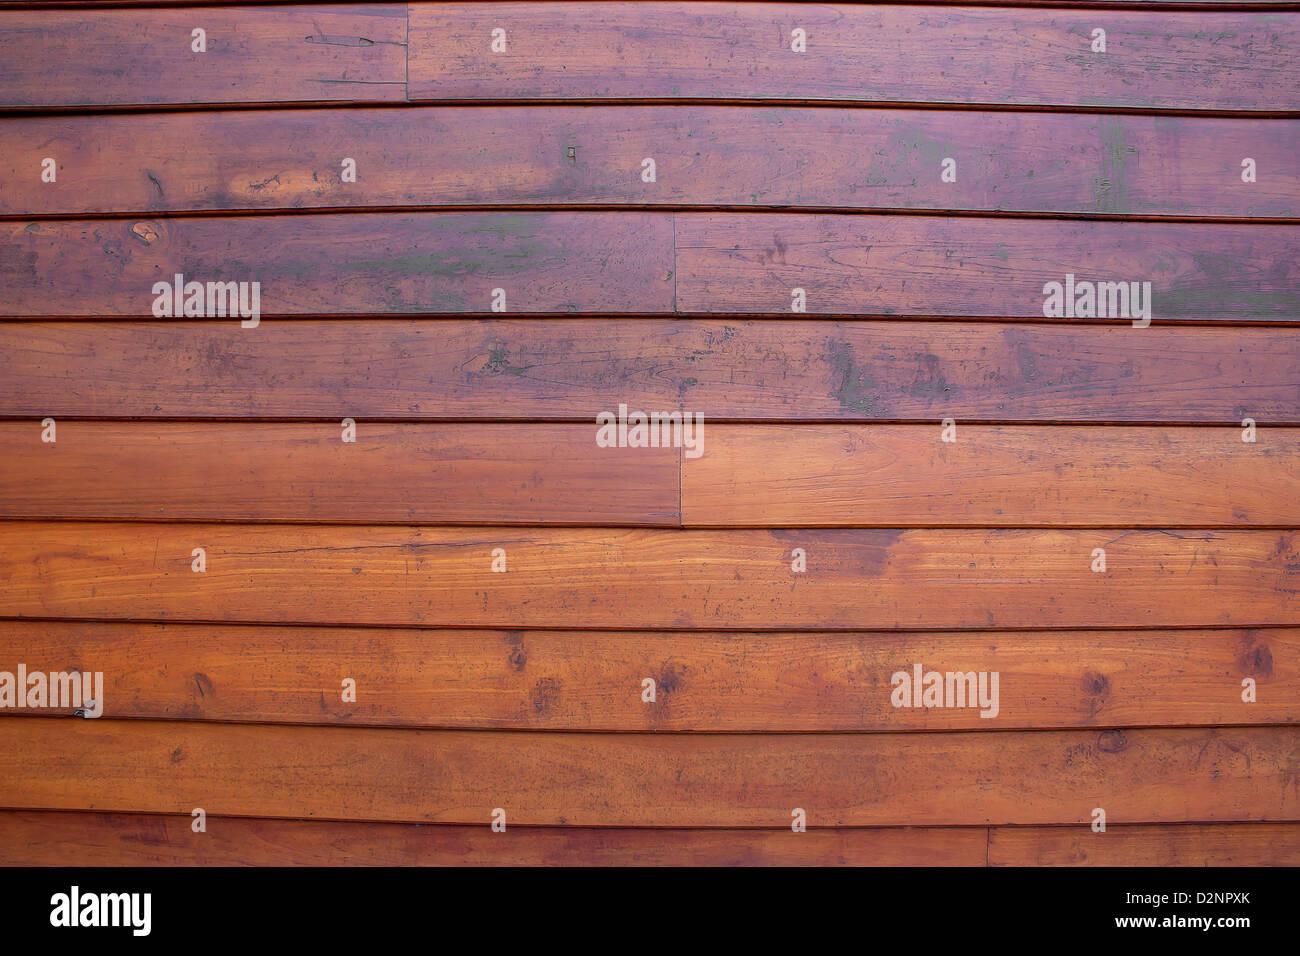 Wände, Teakholz, Teak Holz, gut auf horizontal ausgerichtet werden. Stockbild